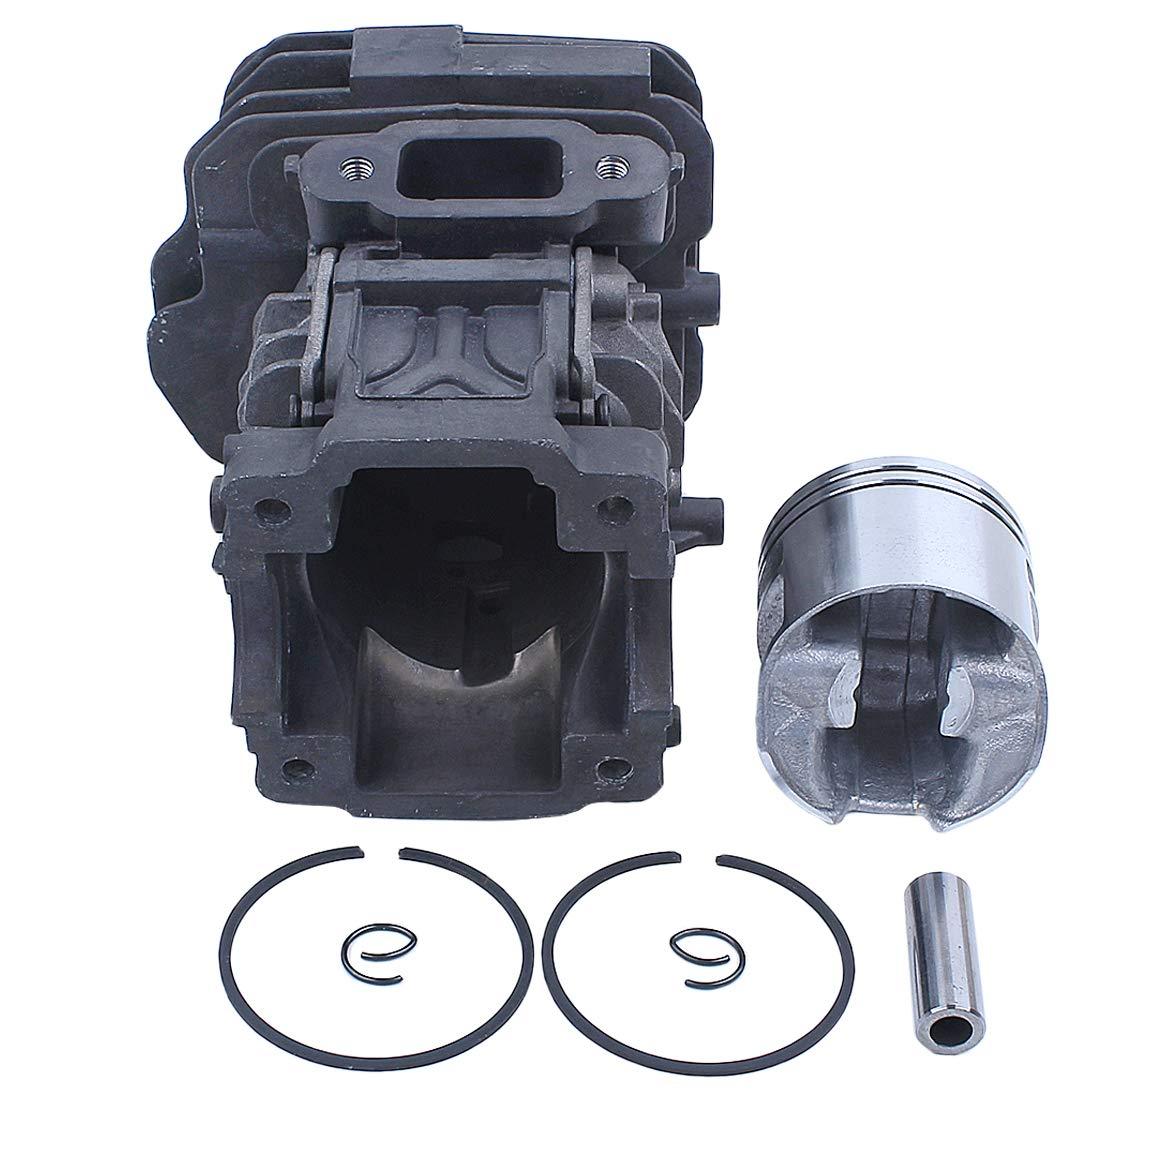 Haishine Kit danneaux daxe de piston de cylindre 44 mm Fit Stihl MS251 MS 251 Scie /à cha/îne # 1143 020 1207